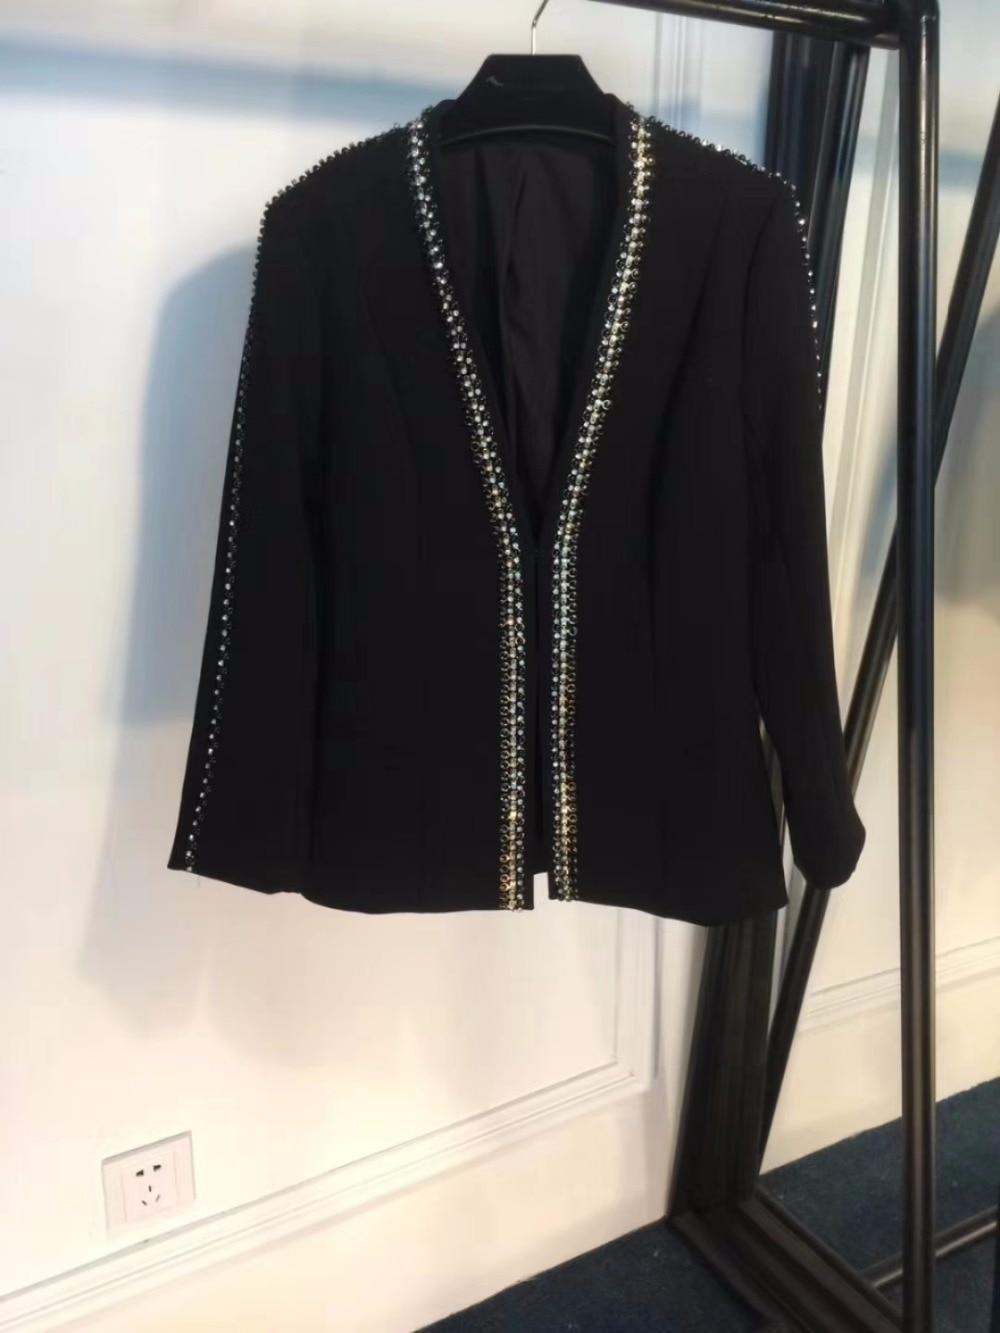 Perles Pièces Pour Mode Vêtements 2018 Top Et Femmes Noir Festival Set Costume Ensembles Deux Pantalon Roupas Feminina De Binaire 1wAIS